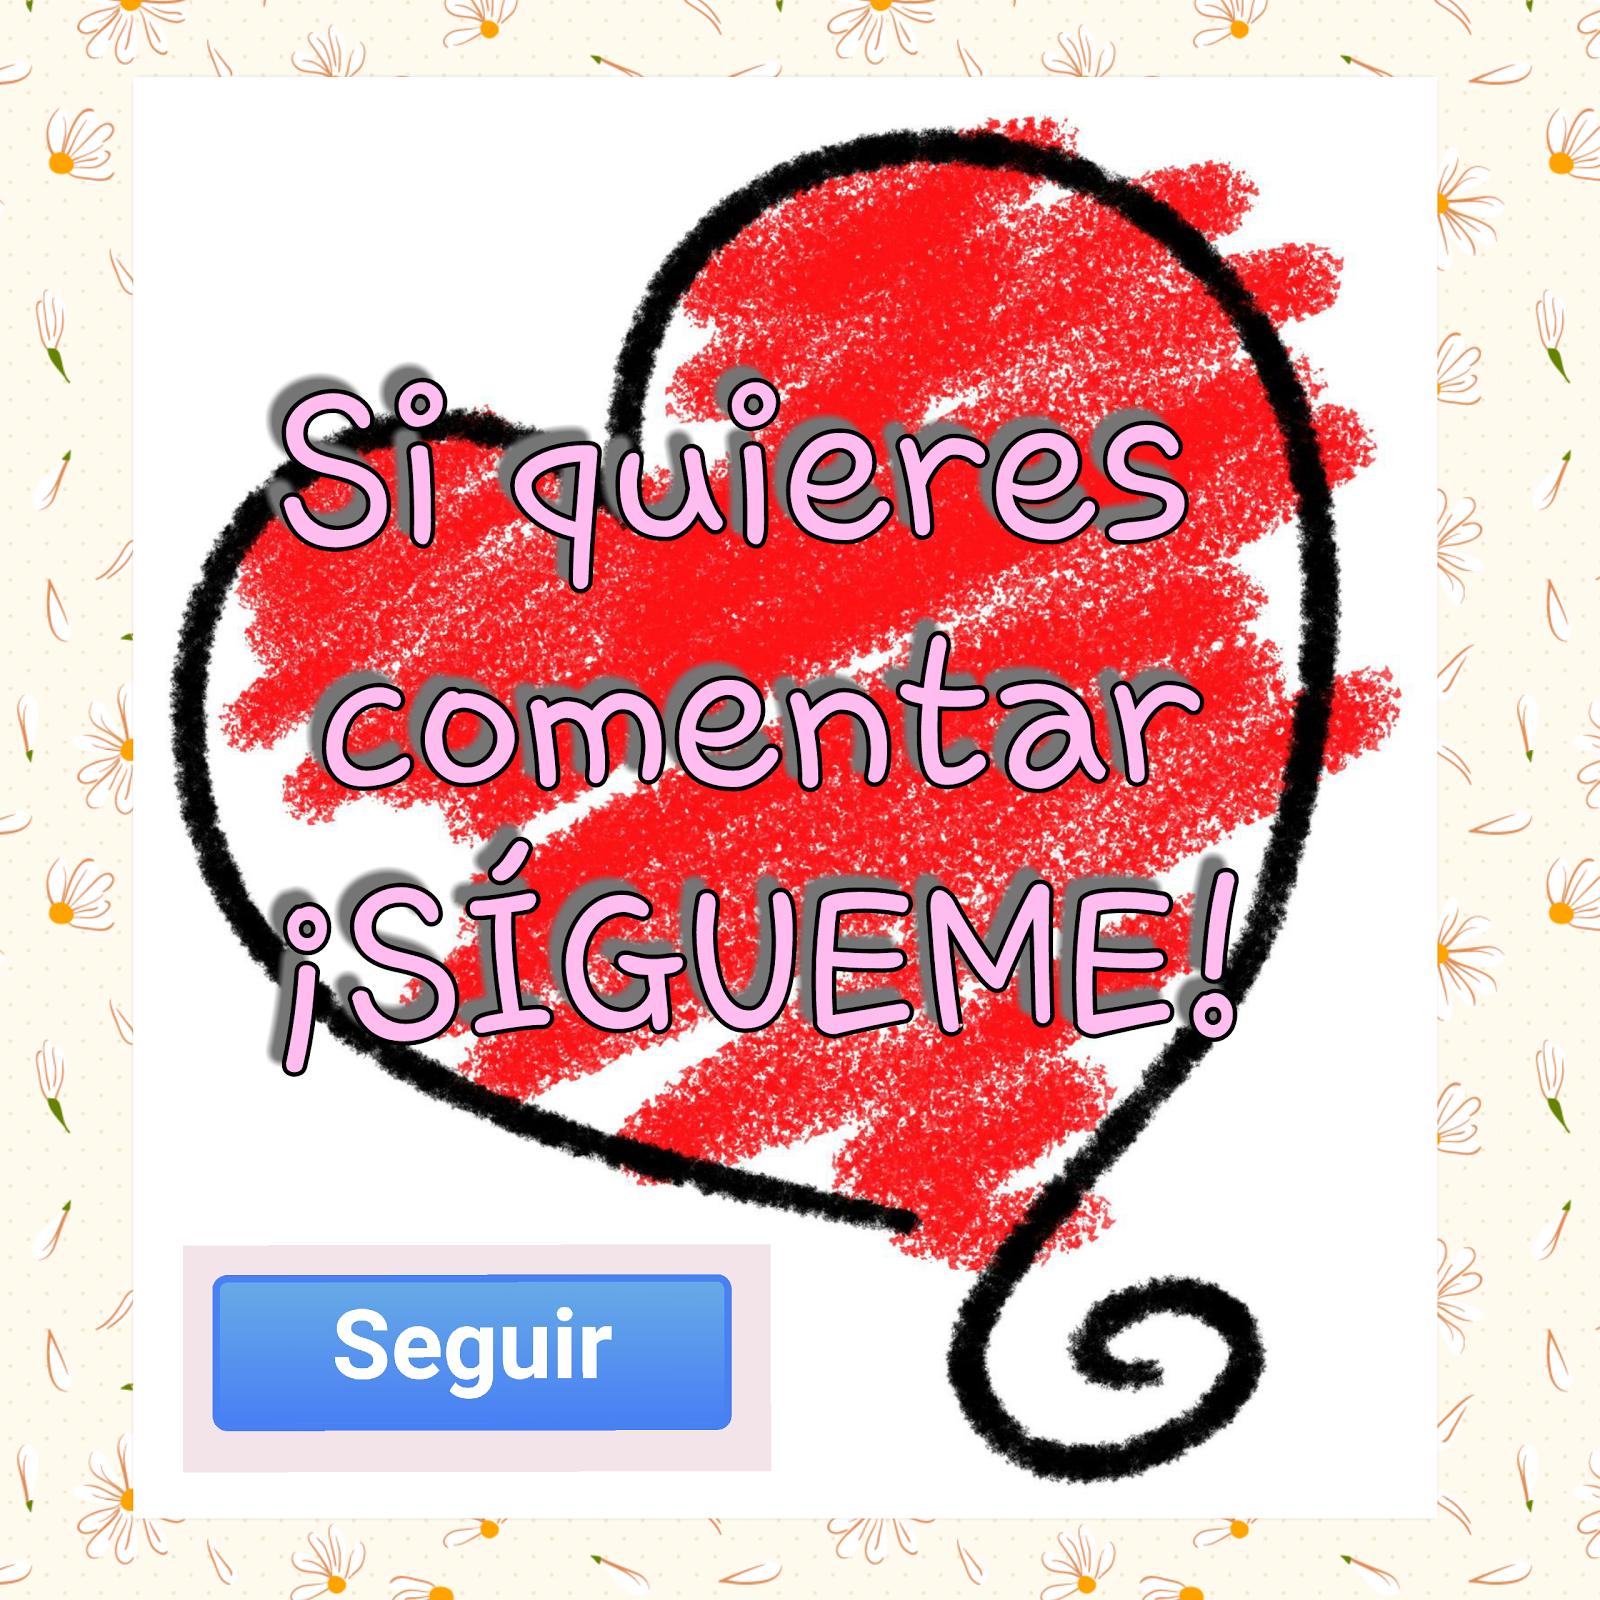 PARA PODER COMENTAR ¡SÍGUEME!